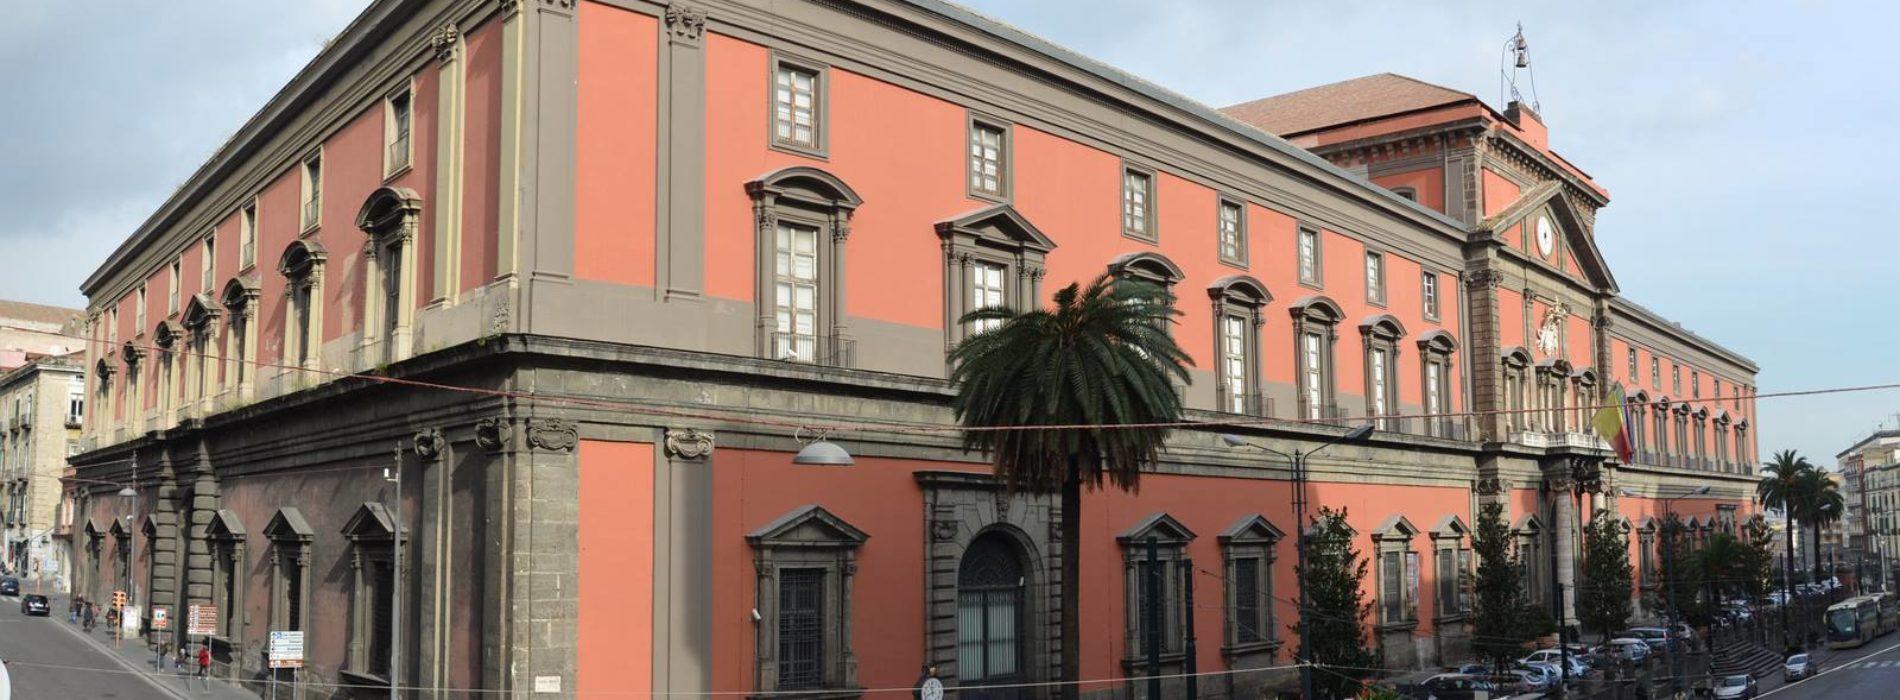 Museo Archeologico Nazionale: un autentico gioiello per la città di Napoli